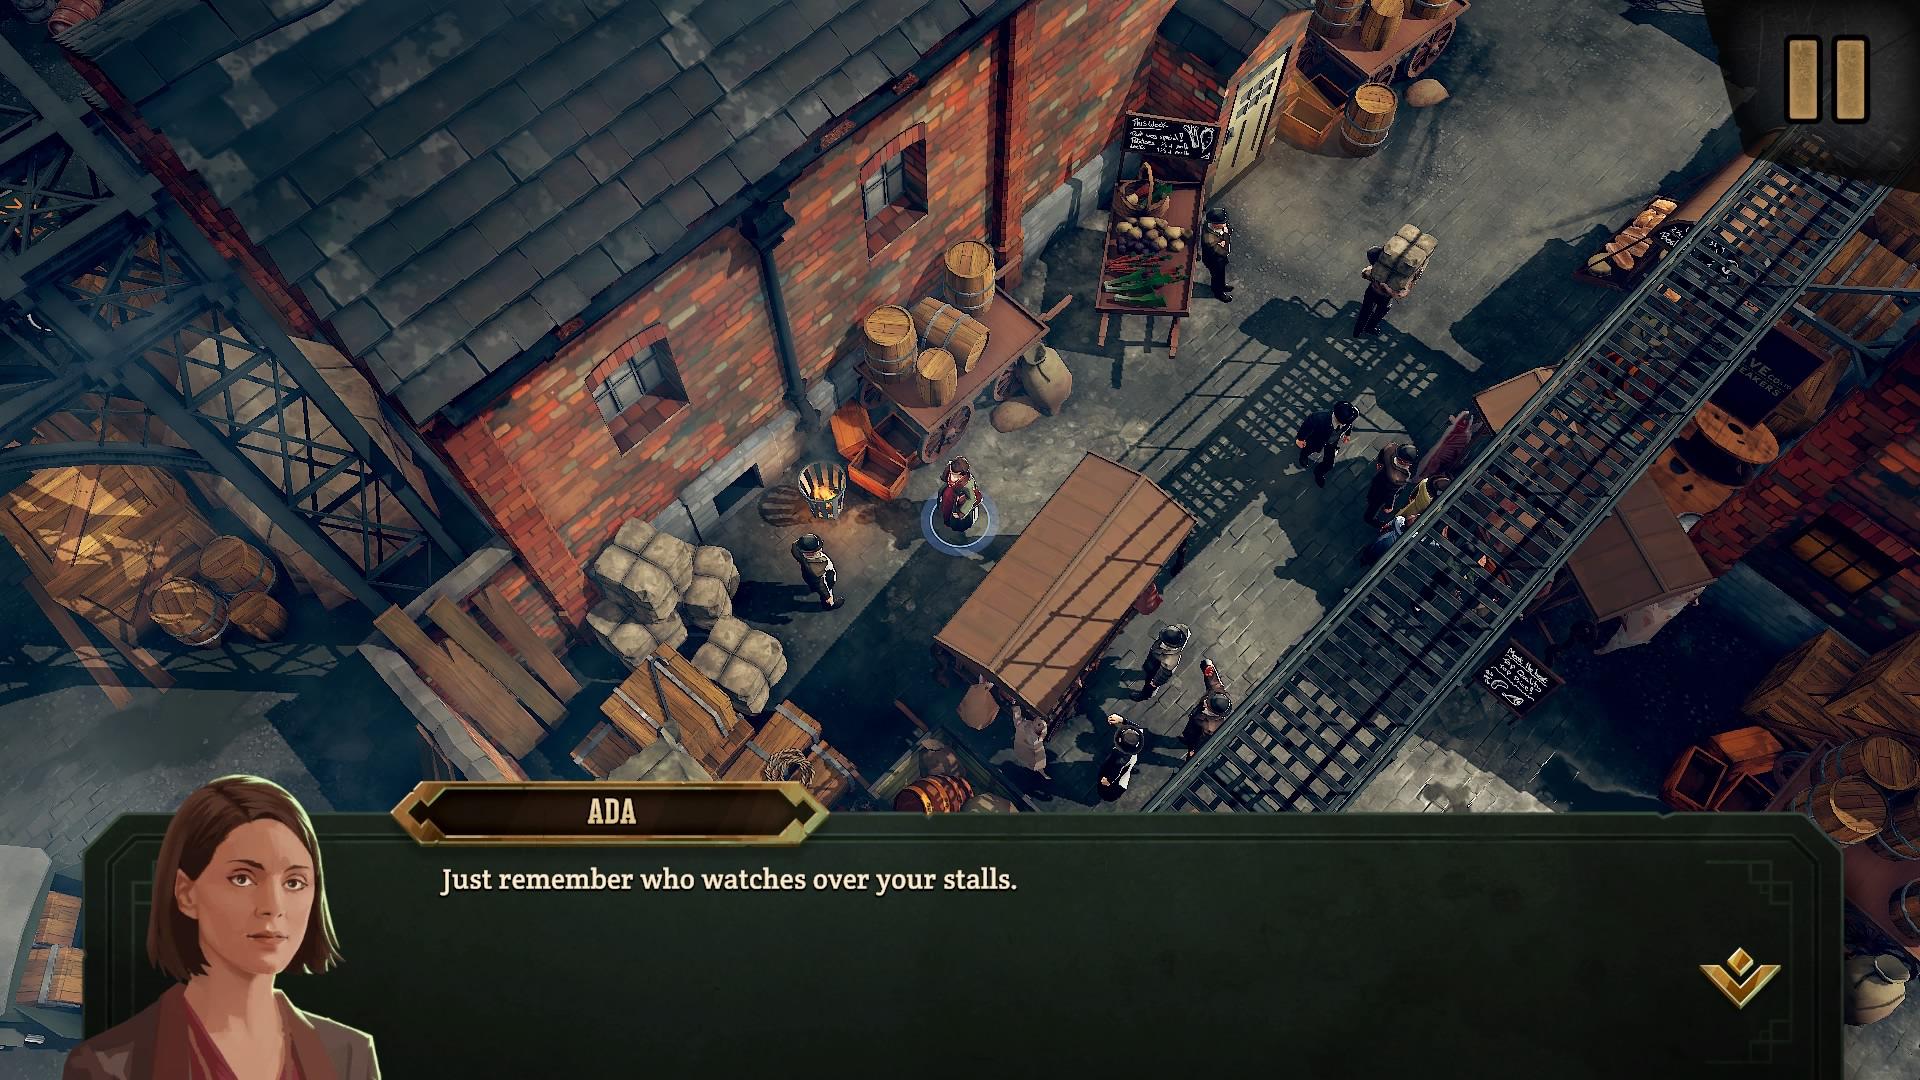 Le joueur devra faire bon usage de chacun des membres de la bande pour compléter ses missions